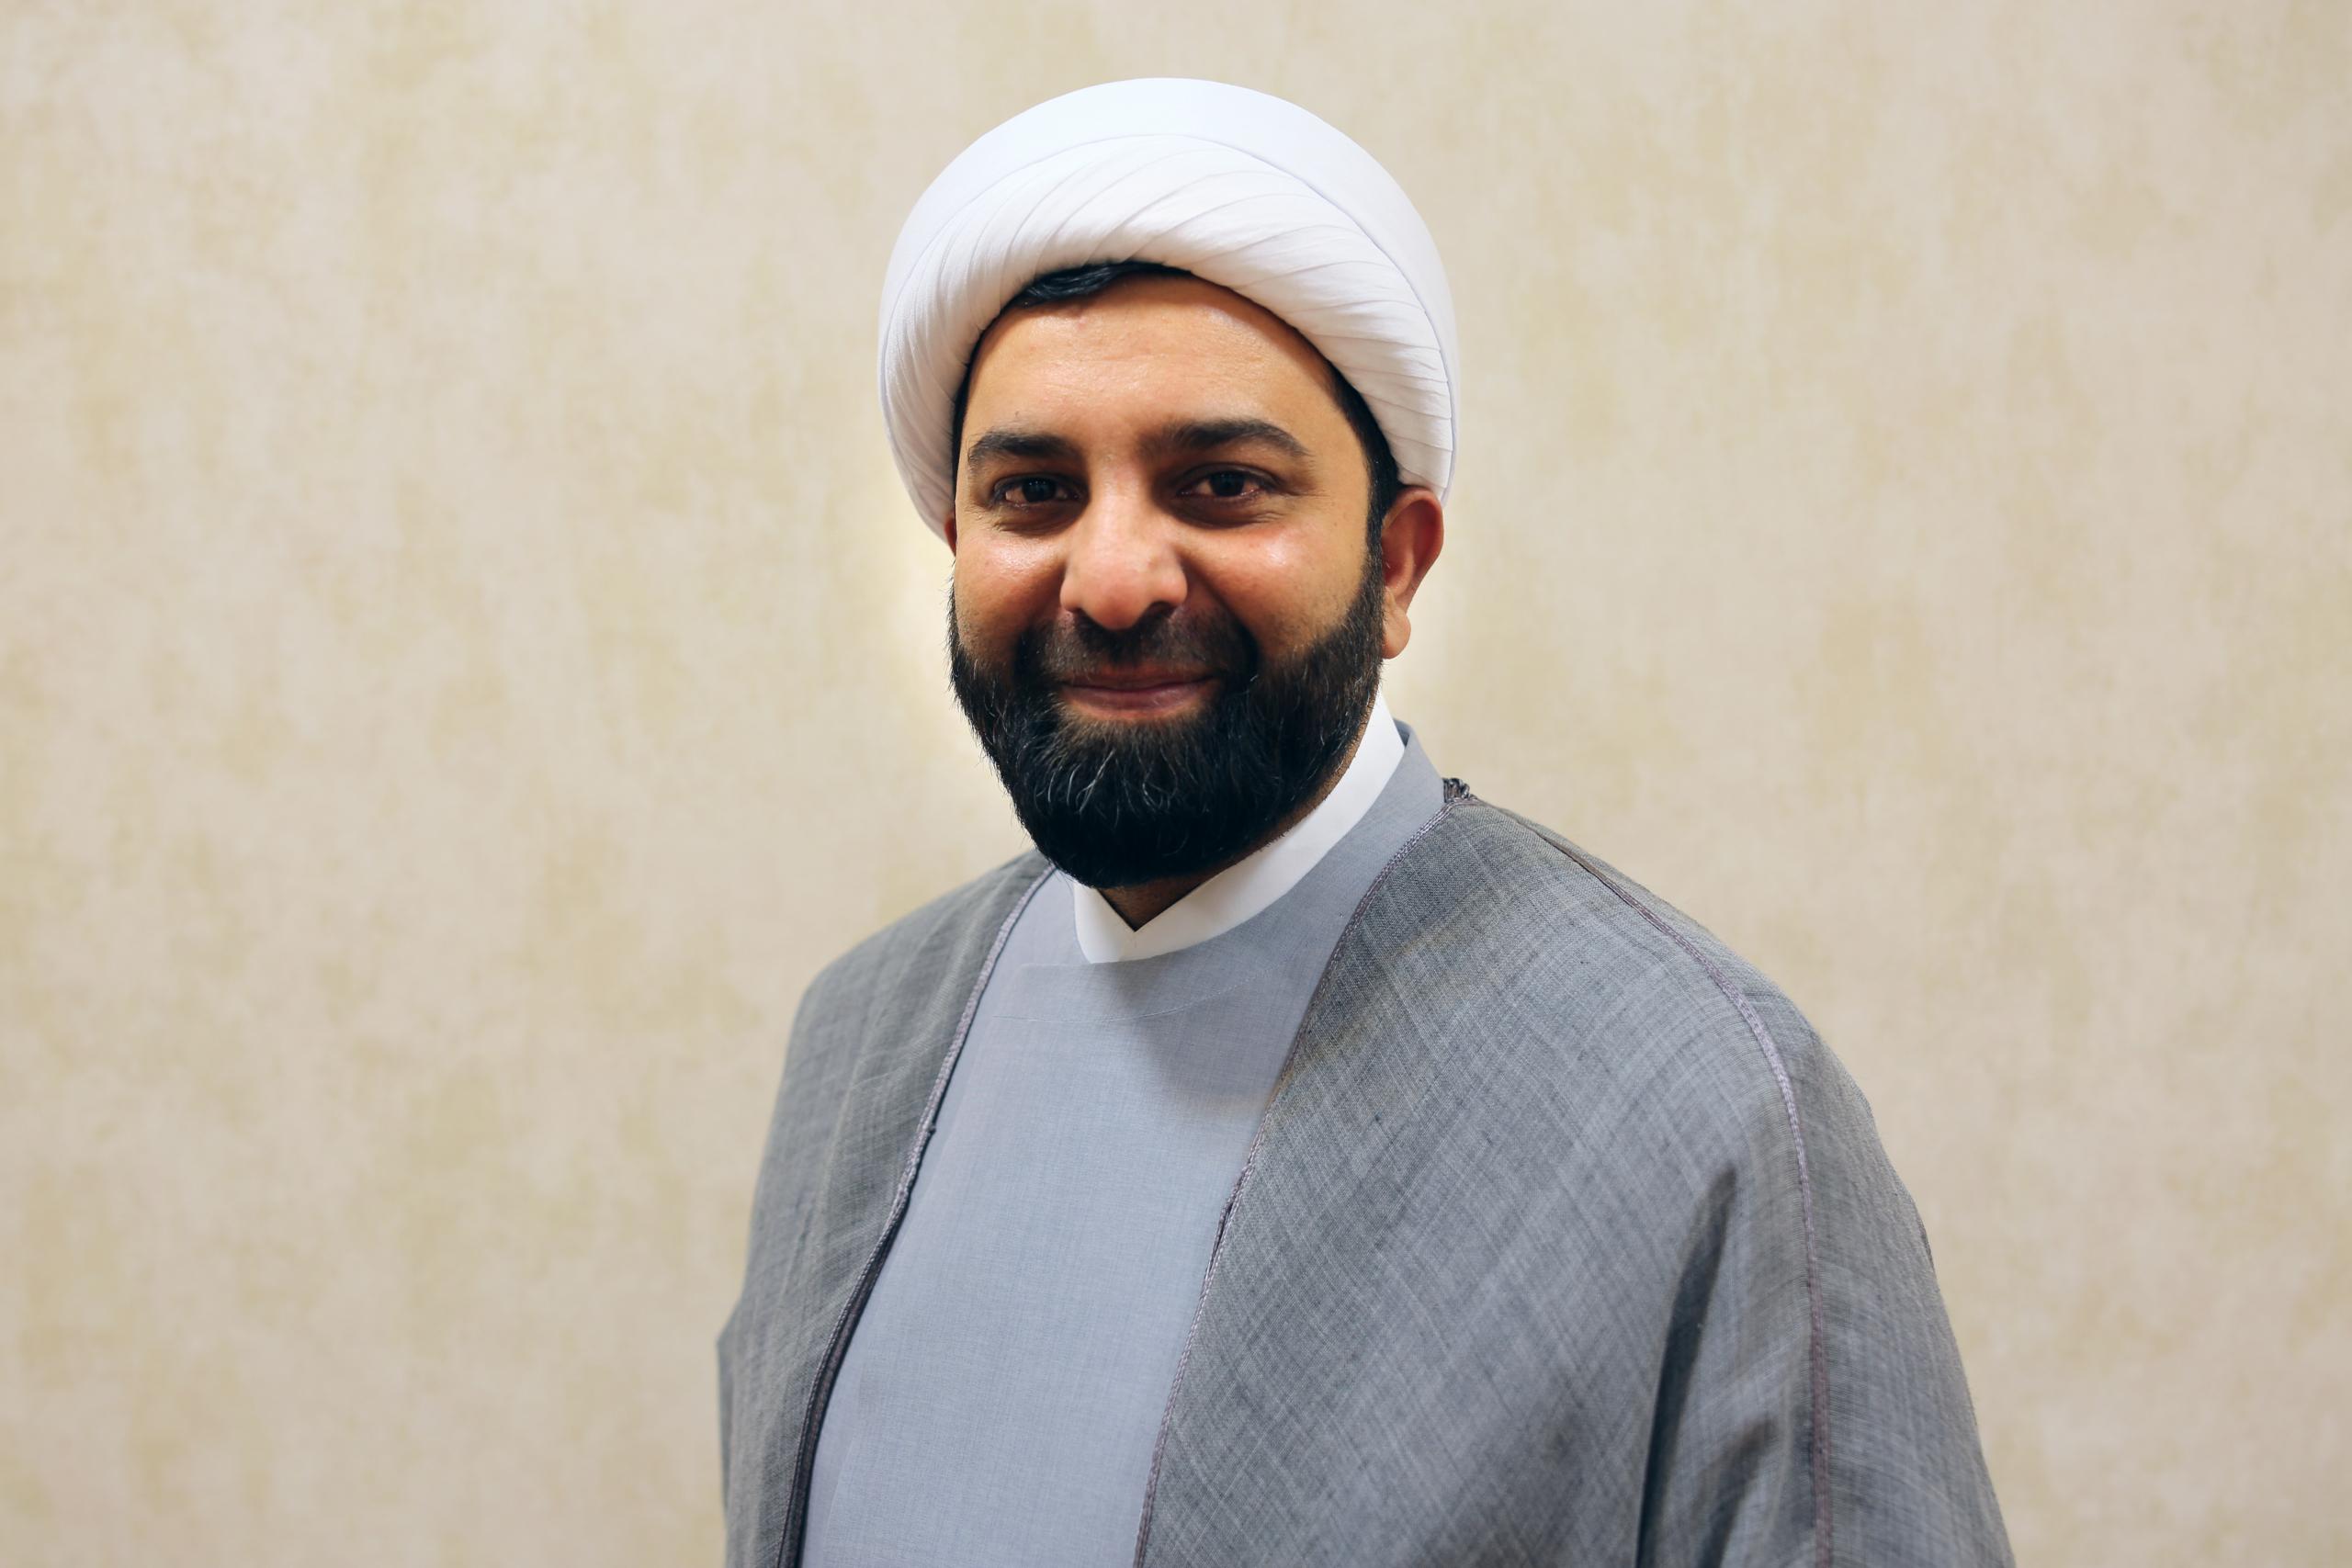 Shaykh Ali Qomi